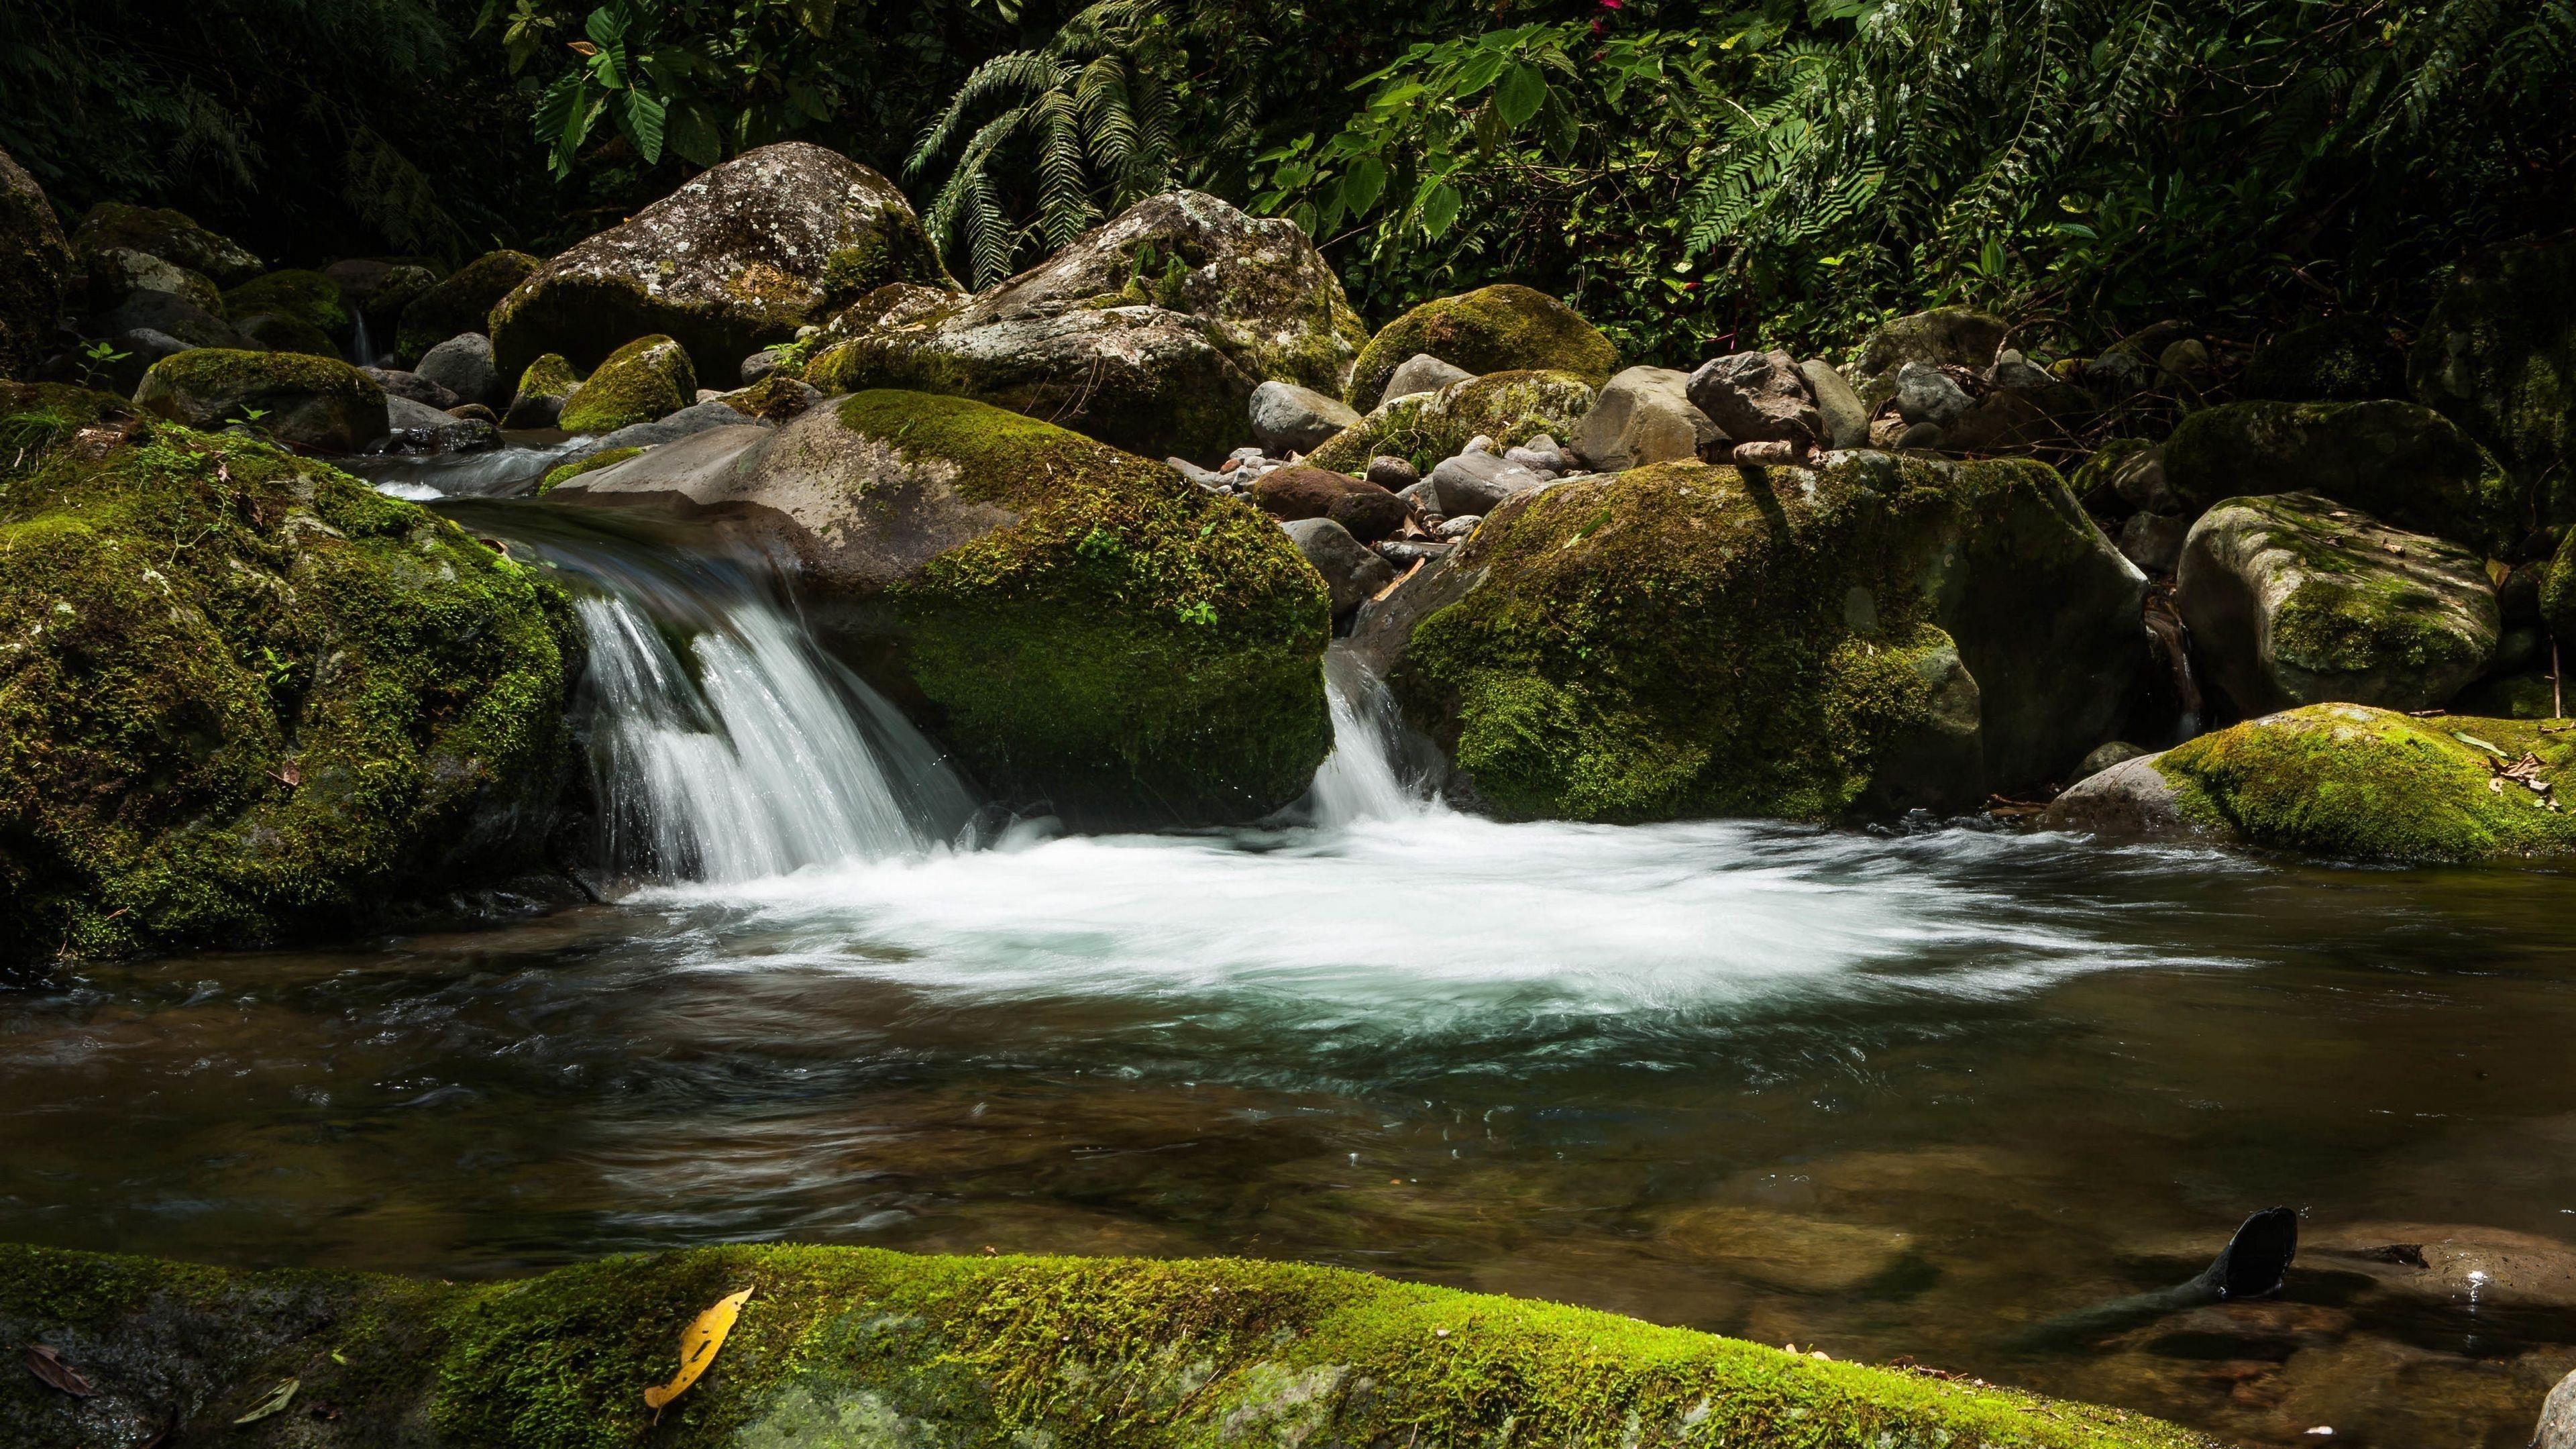 Водопад камни мох водные растения обои скачать